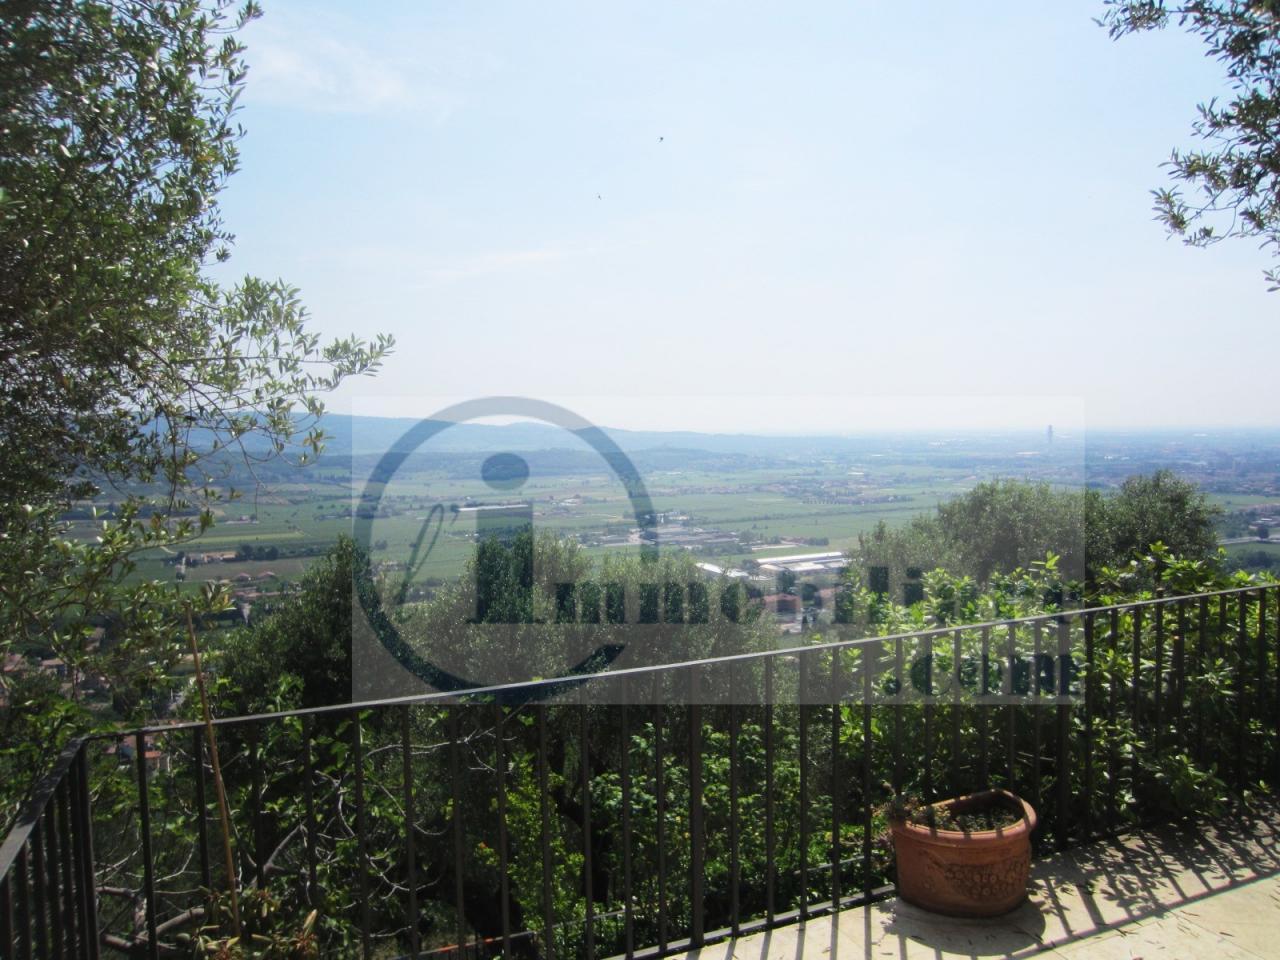 Soluzione Indipendente in vendita a Verona, 5 locali, zona Zona: 5 . Quinzano - Pindemonte - Ponte Crencano - Valdonega - Avesa , prezzo € 980.000 | Cambio Casa.it